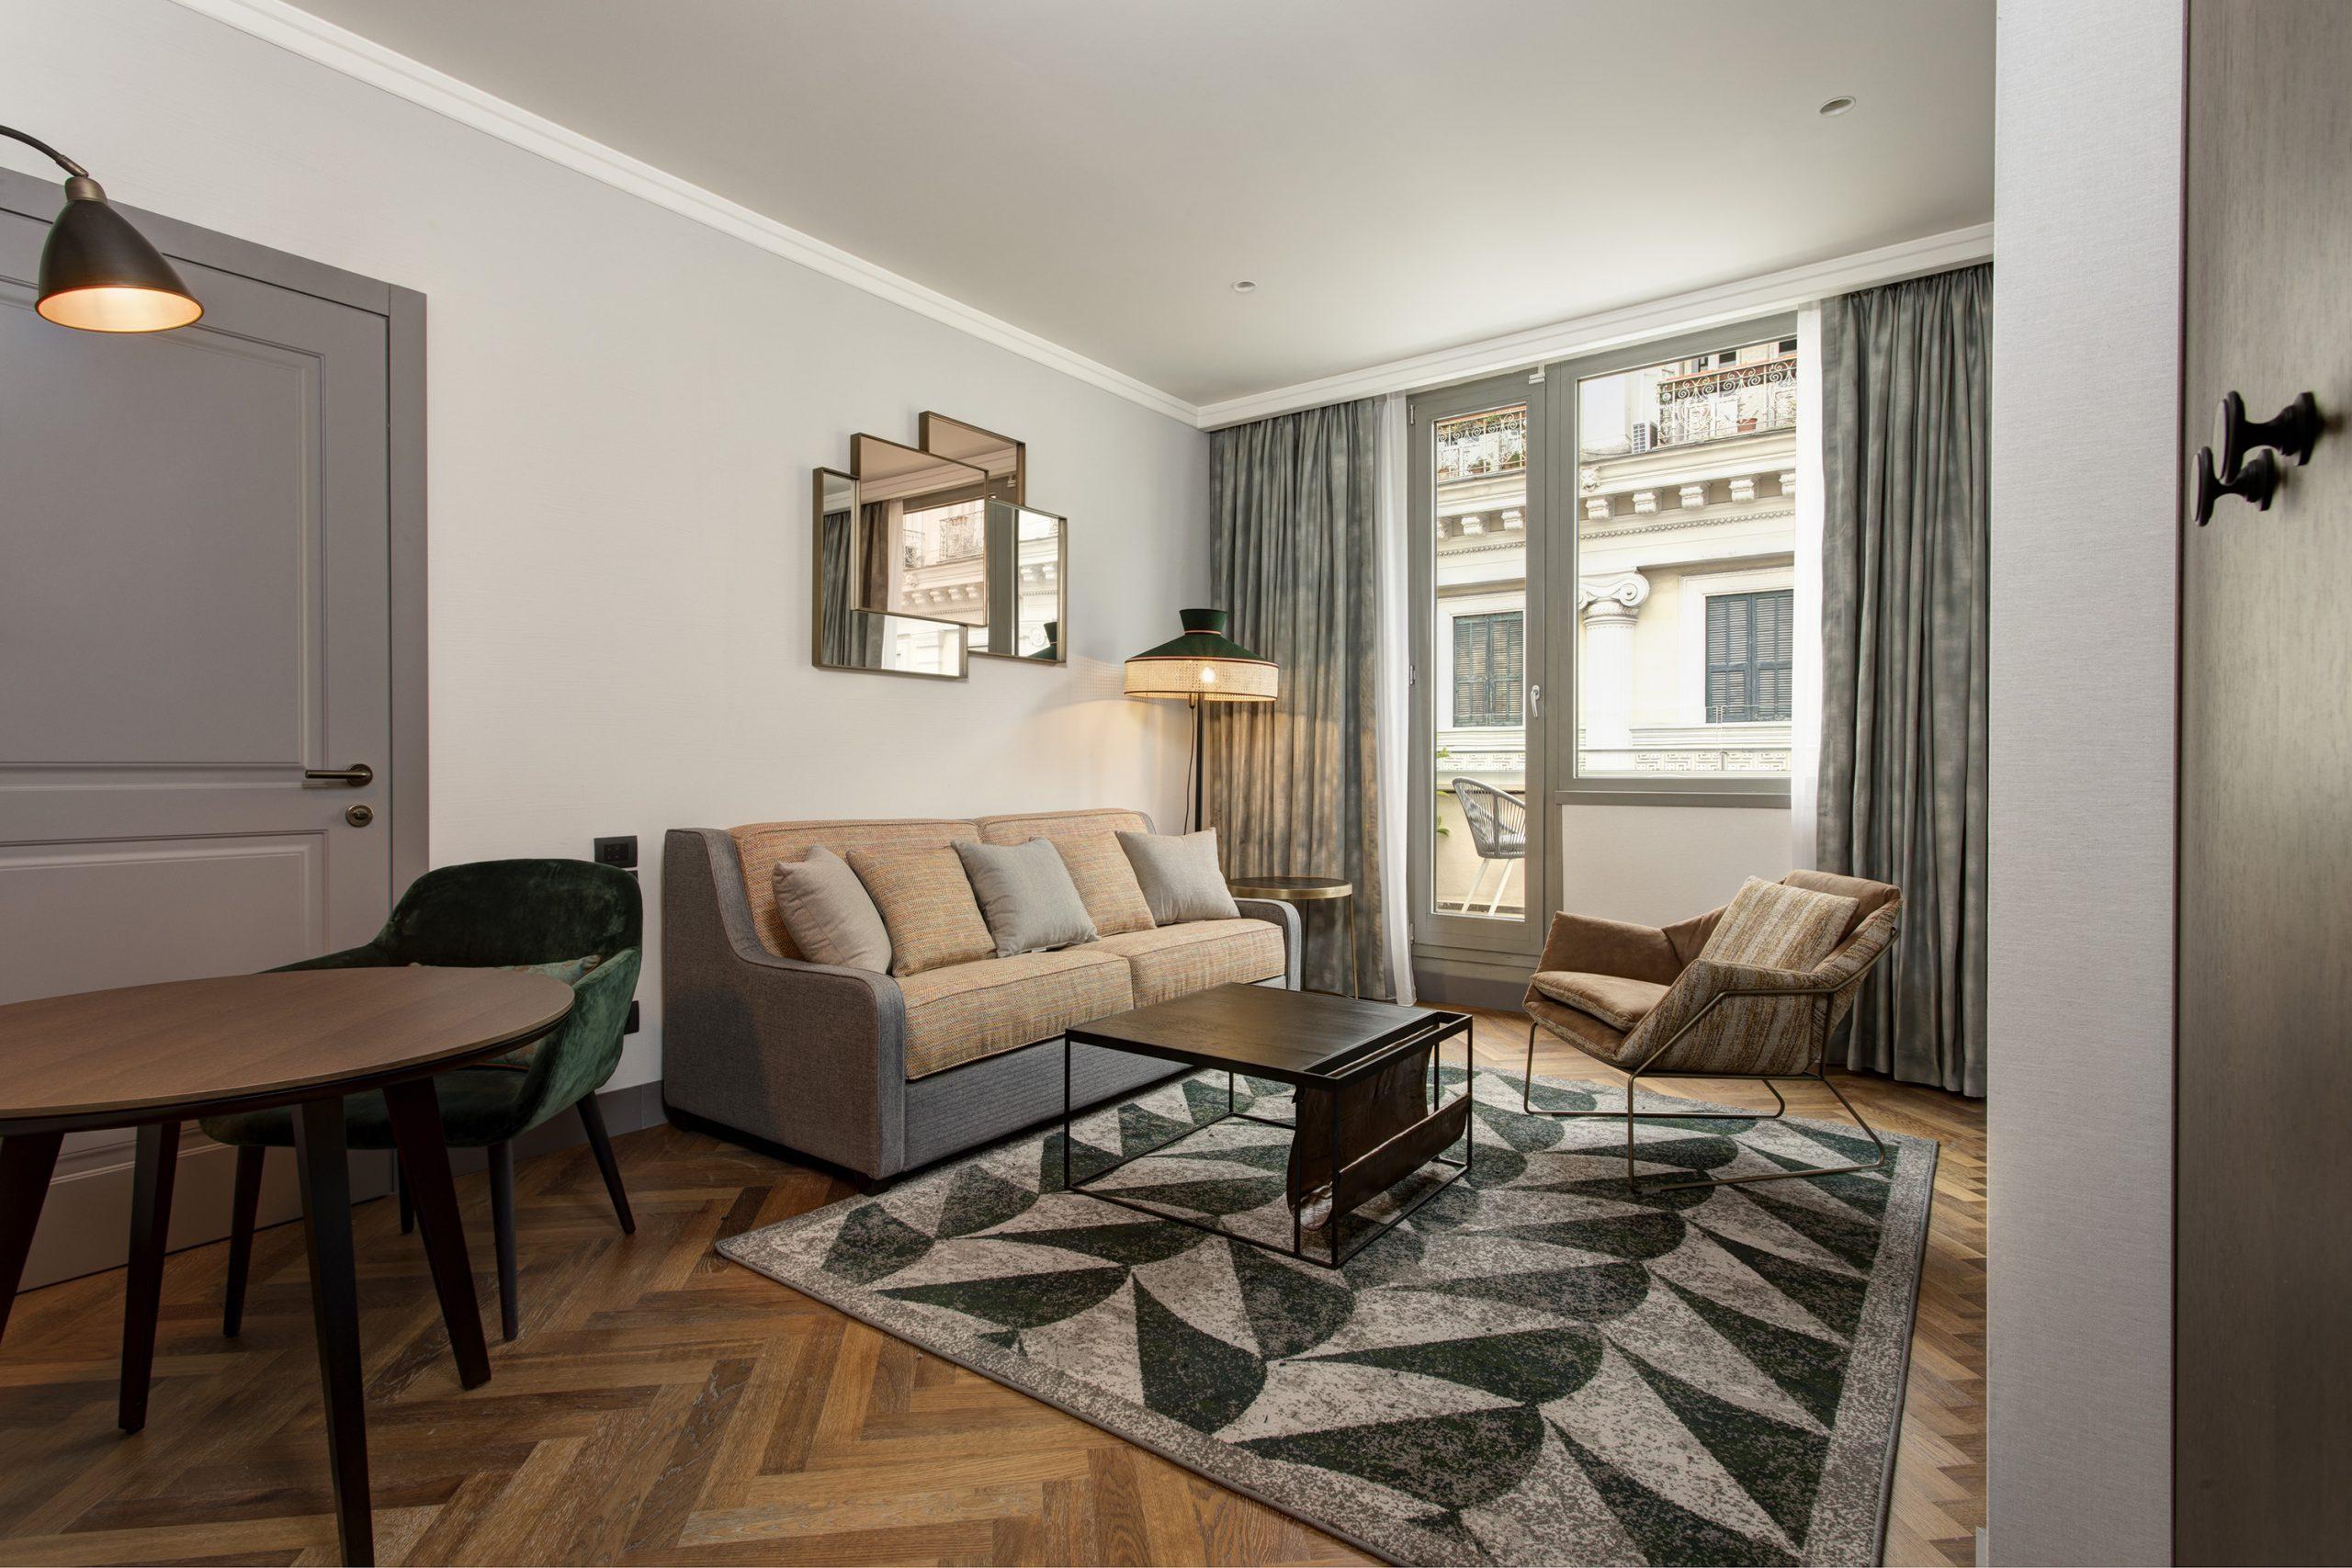 Rooms - One Bedroom Suite - D-1653